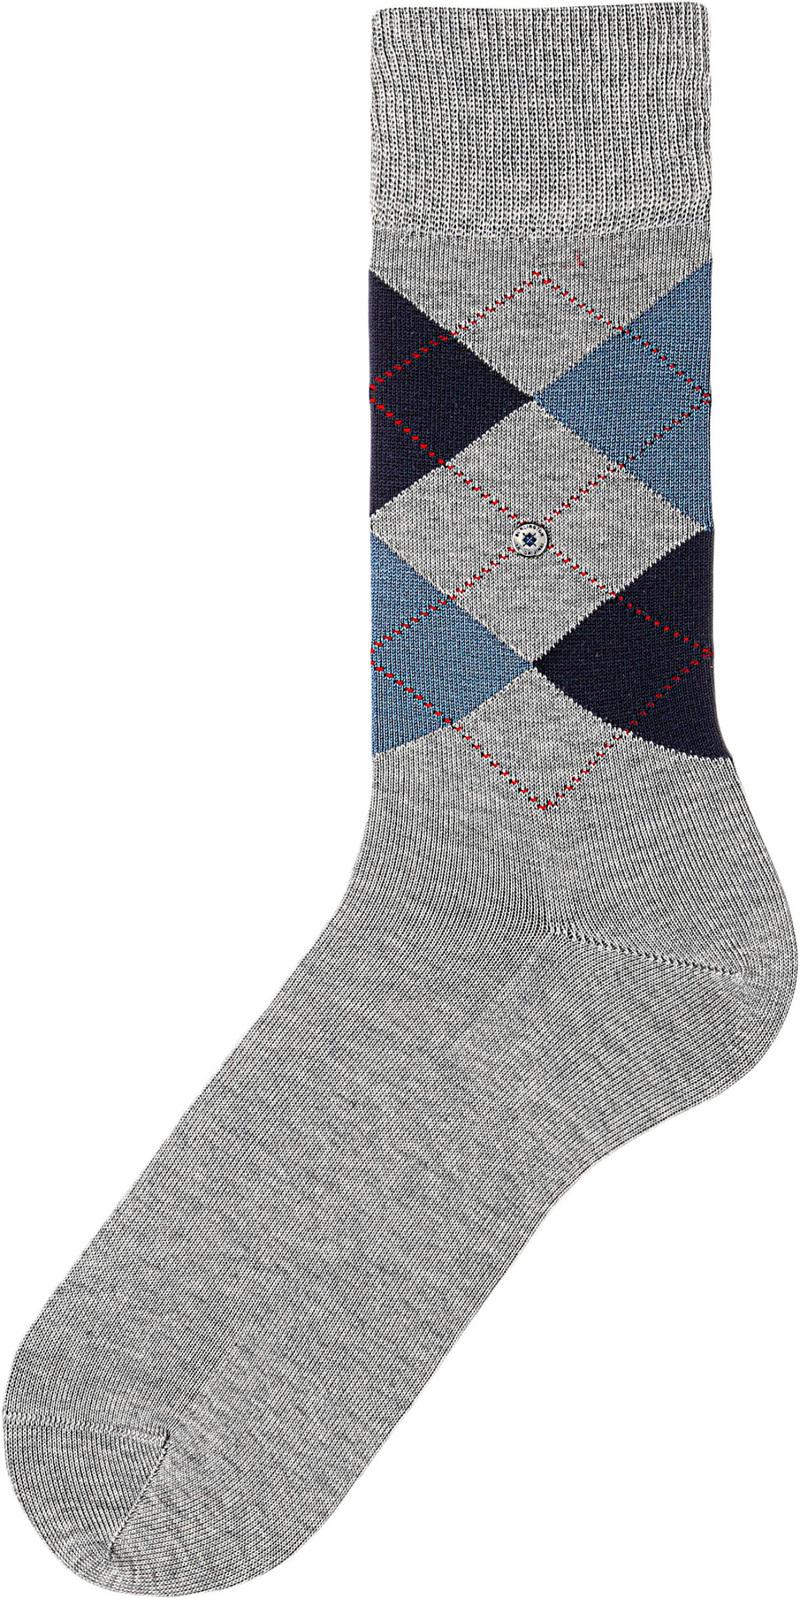 Burlington Socks Cotton 3619